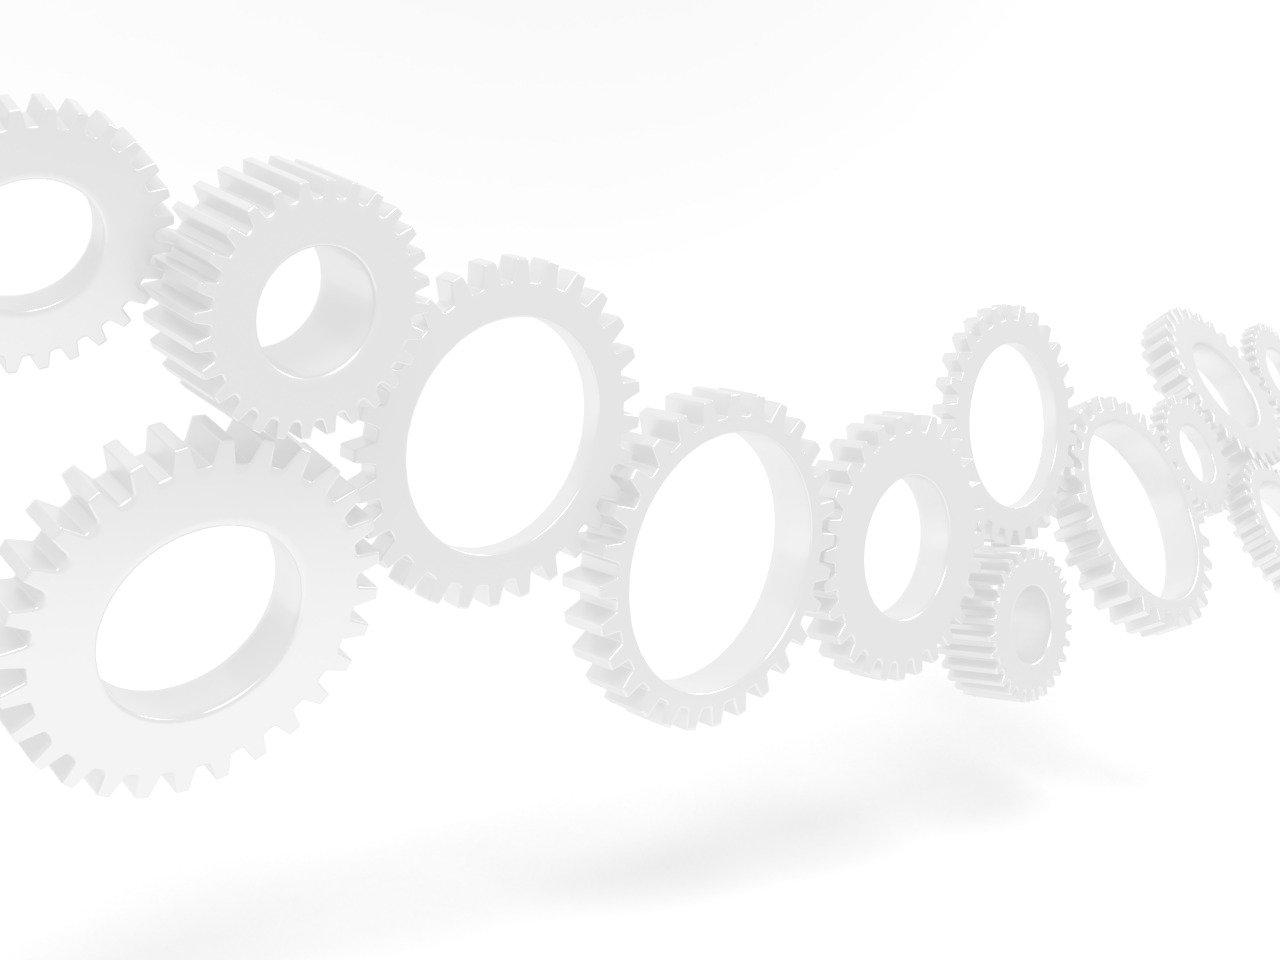 Gear%20System%20Shadow%20_edited.jpg